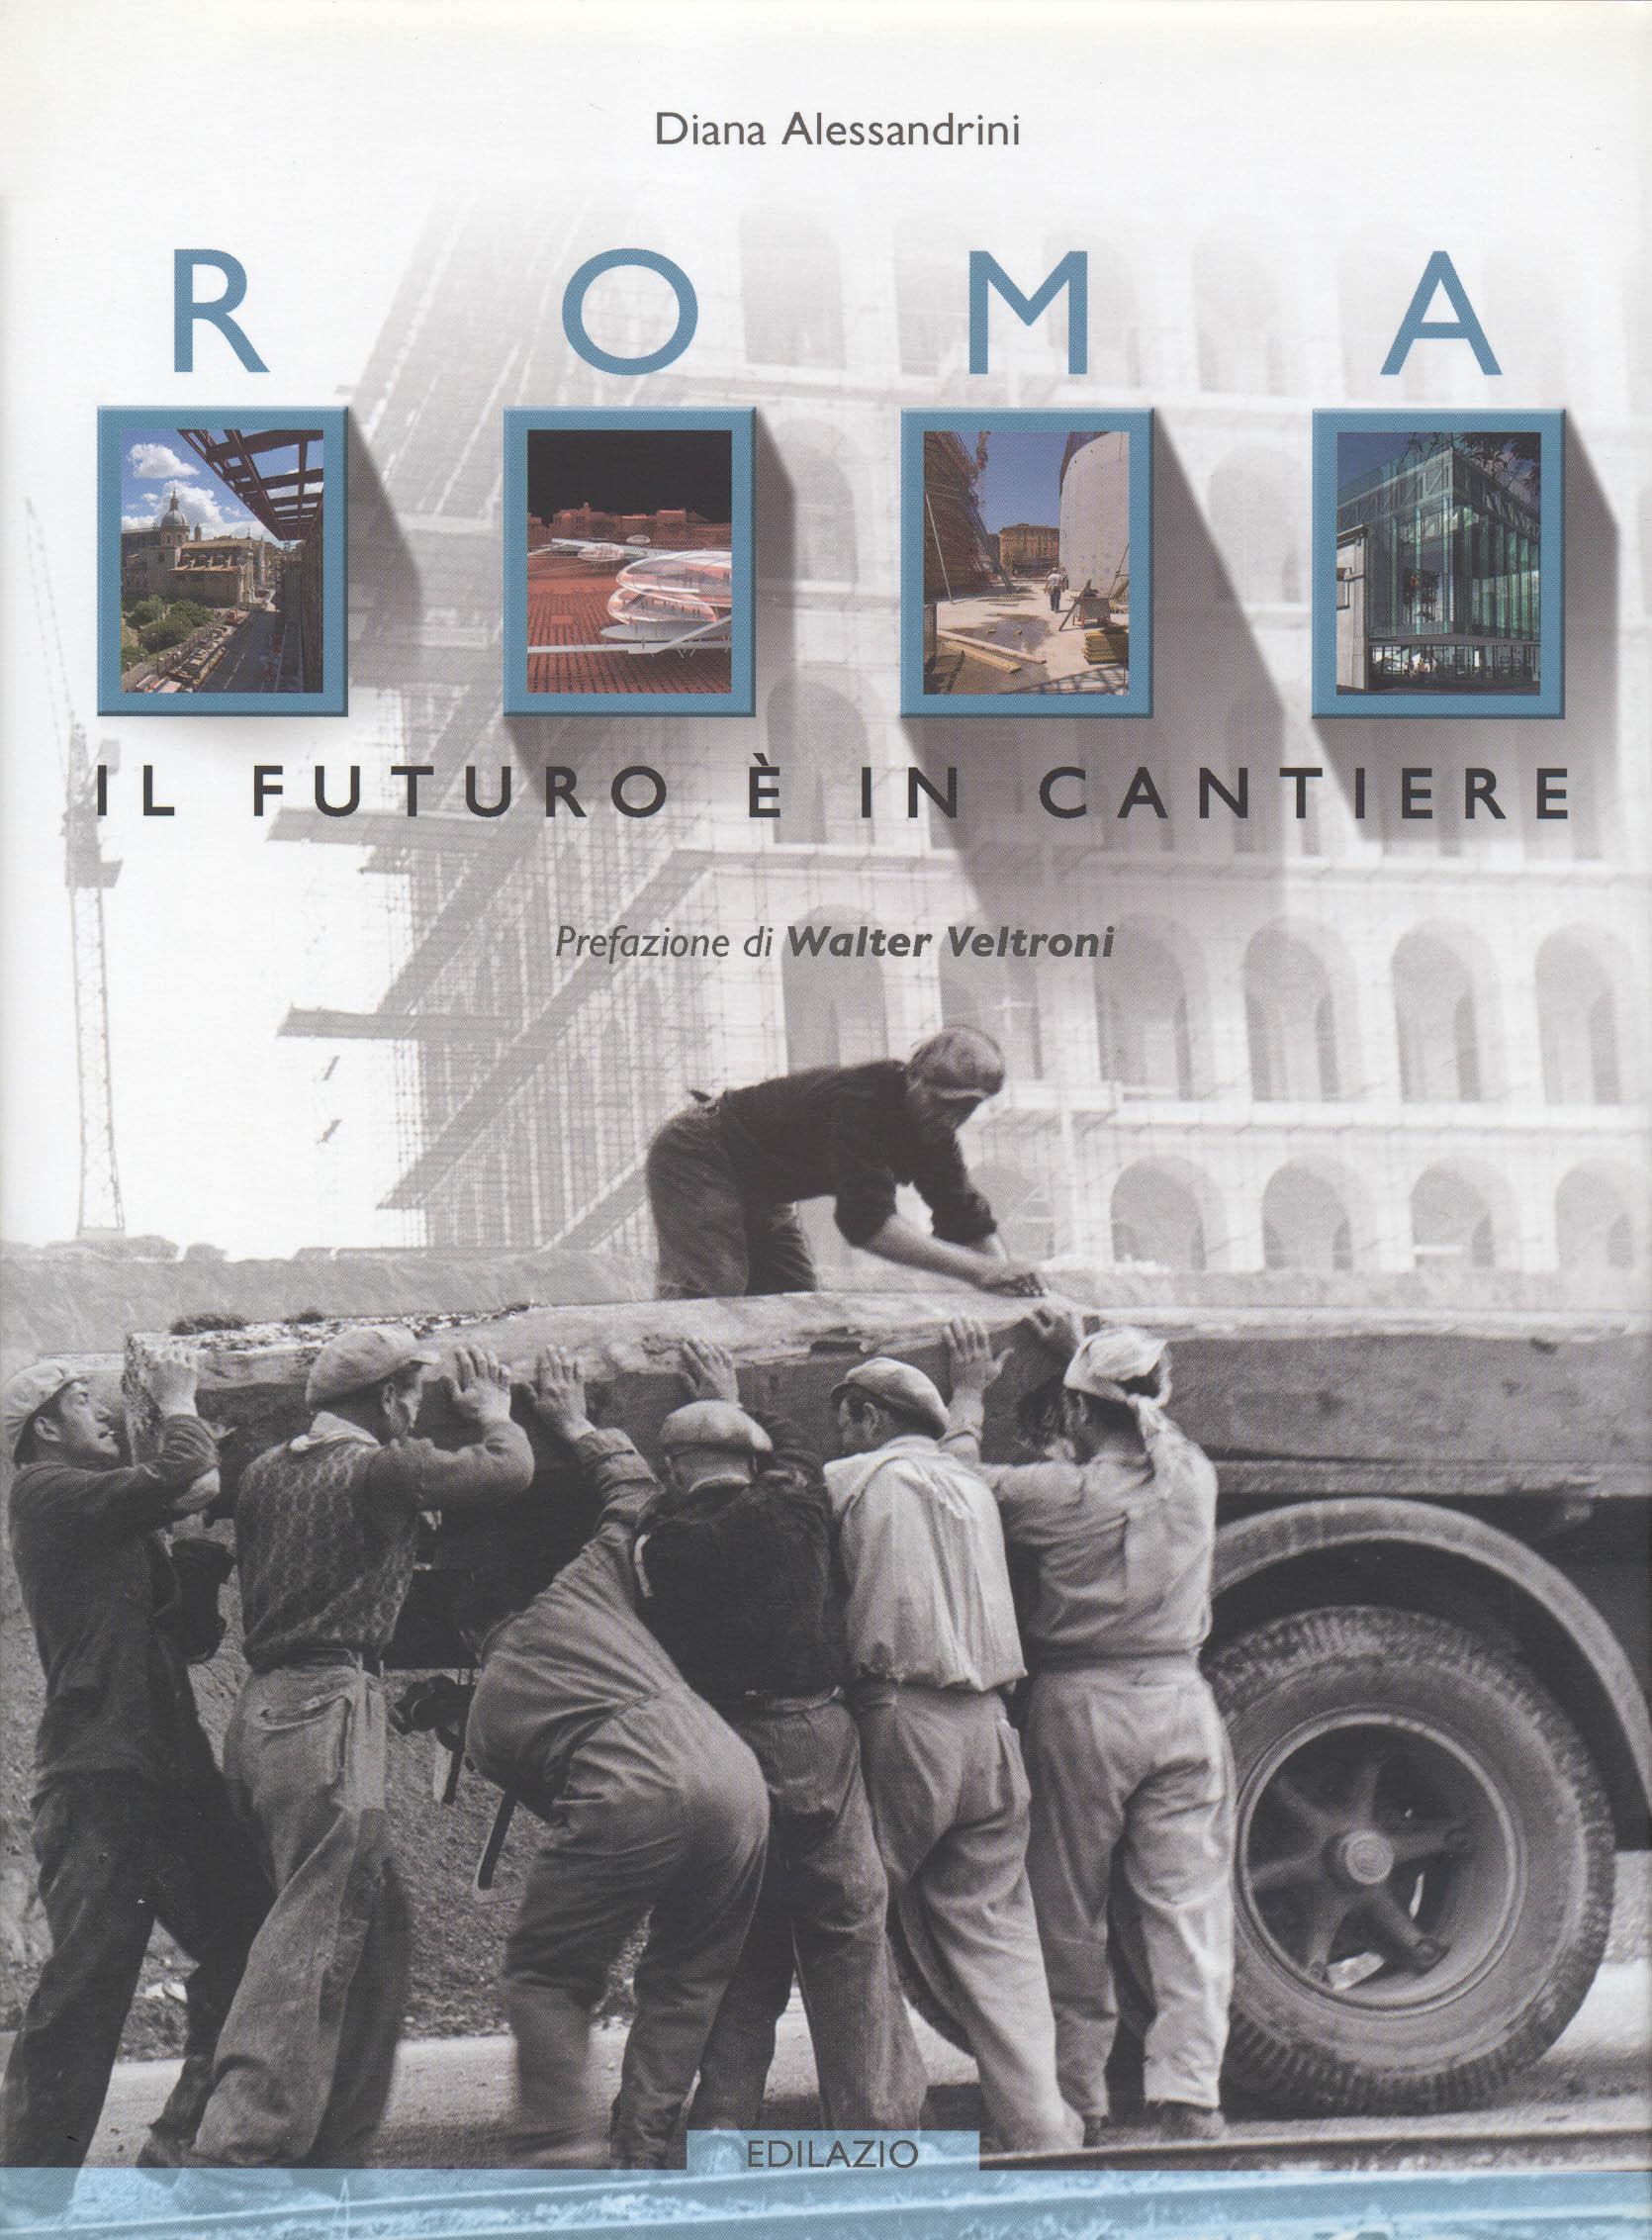 Alessandrini, Diana (2005) Roma. Il futuro in cantiere, Roma.